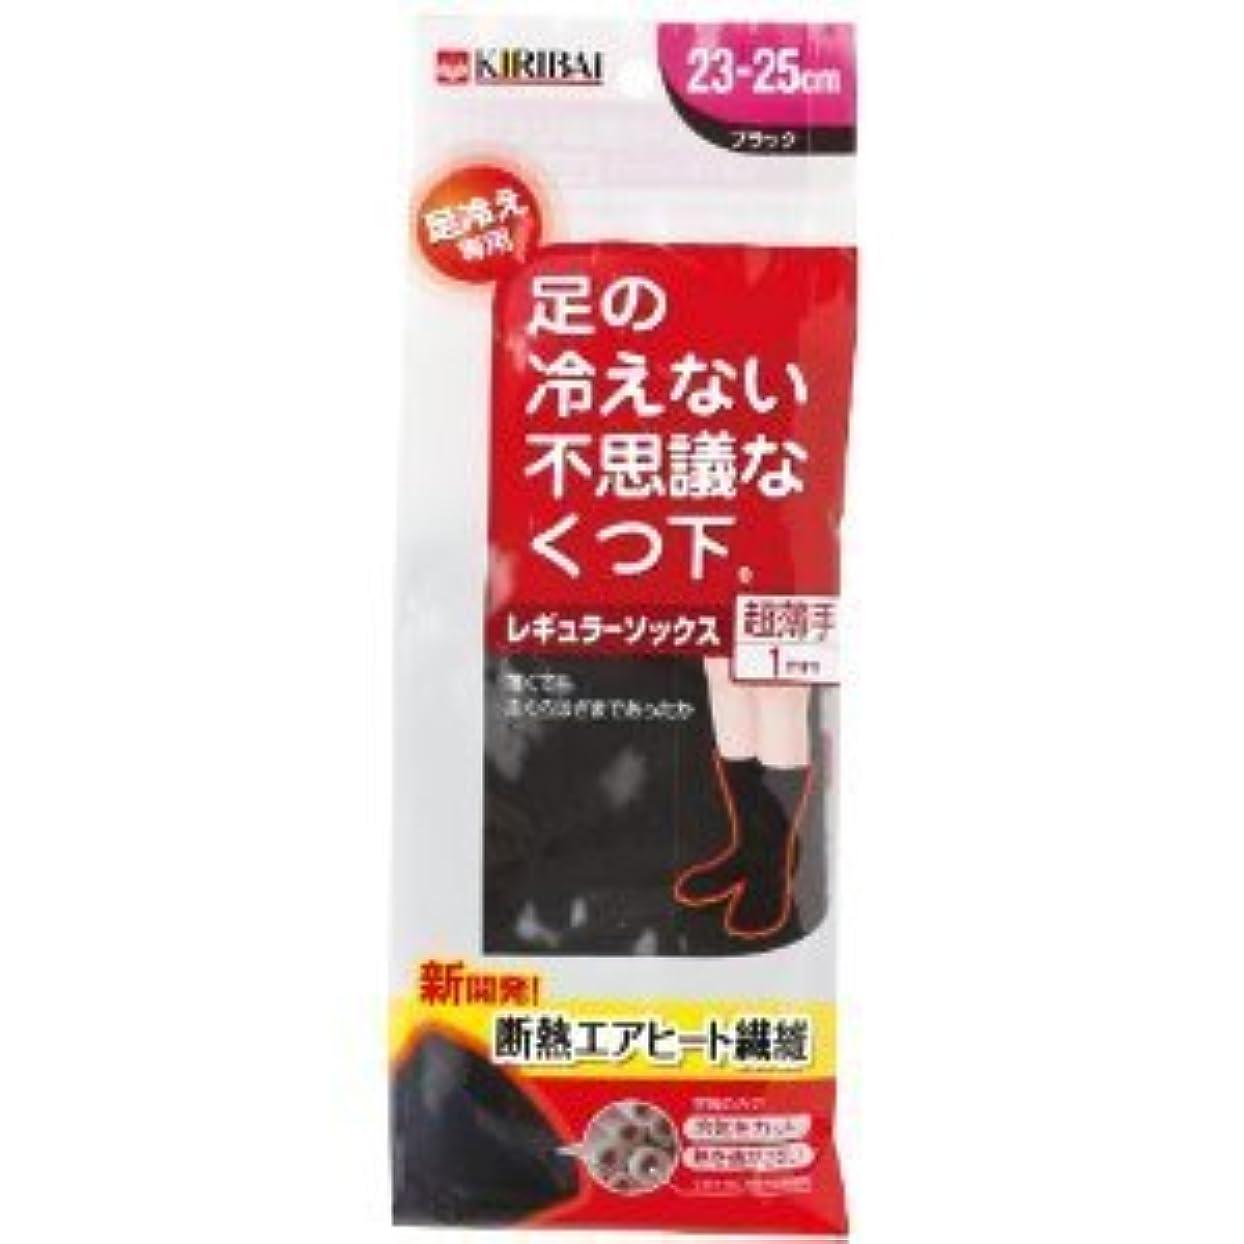 岩ブラウス劇的足の冷えない不思議なくつ下 レギュラーソックス 超薄手 ブラック 23-25cm×2個